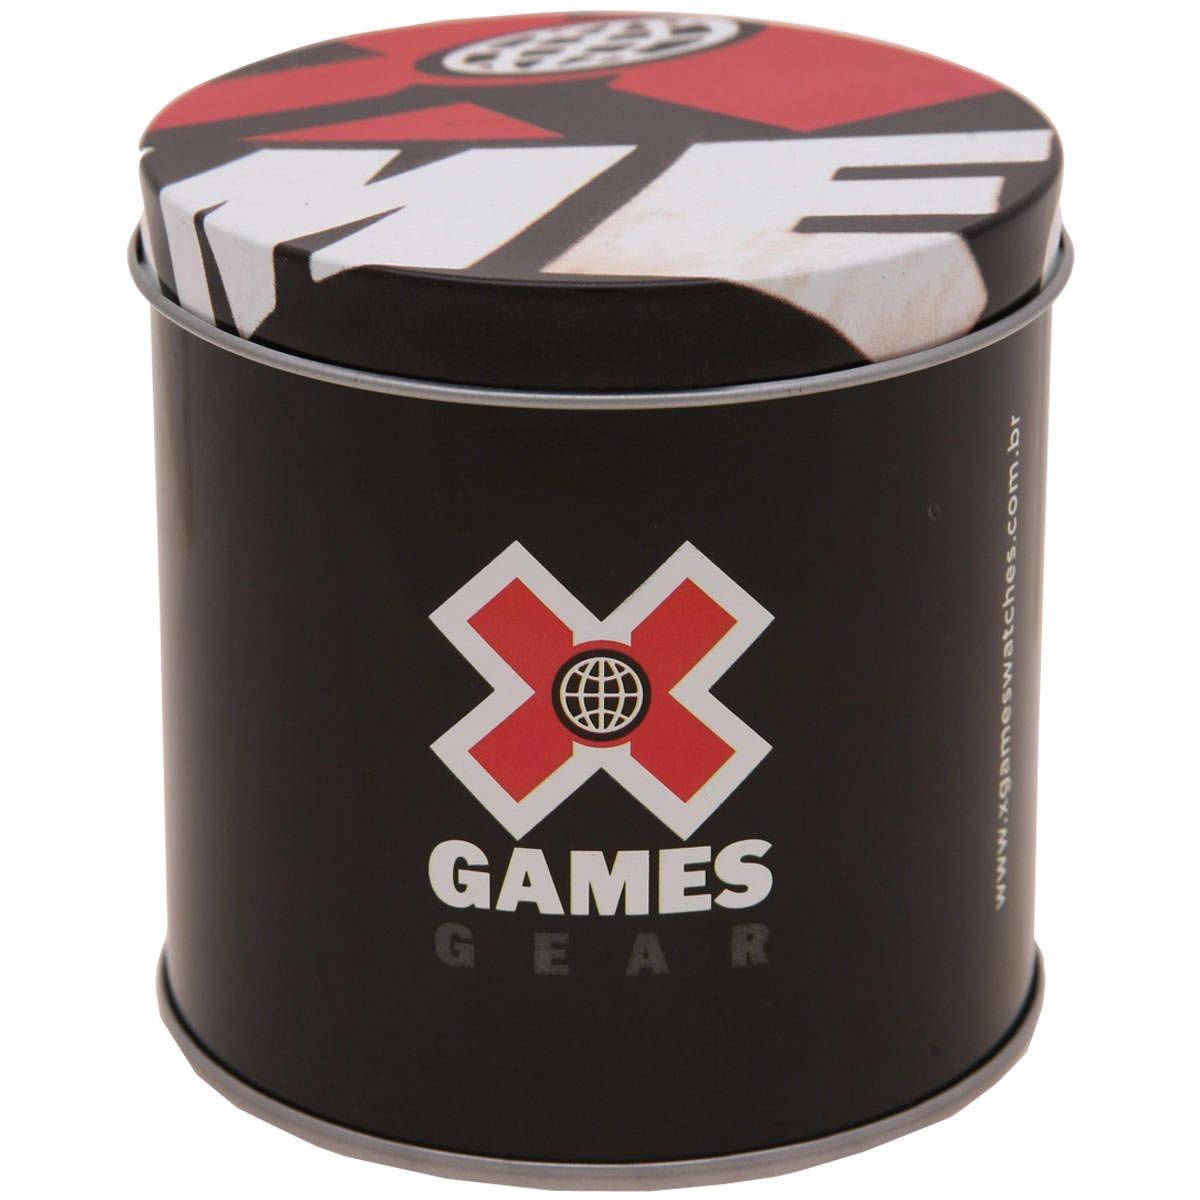 8116c264849 Características. Marca X-Games  Modelo XMPPD342 BXBX  Modelo alfanumérico  Digital  Gênero Masculino ...